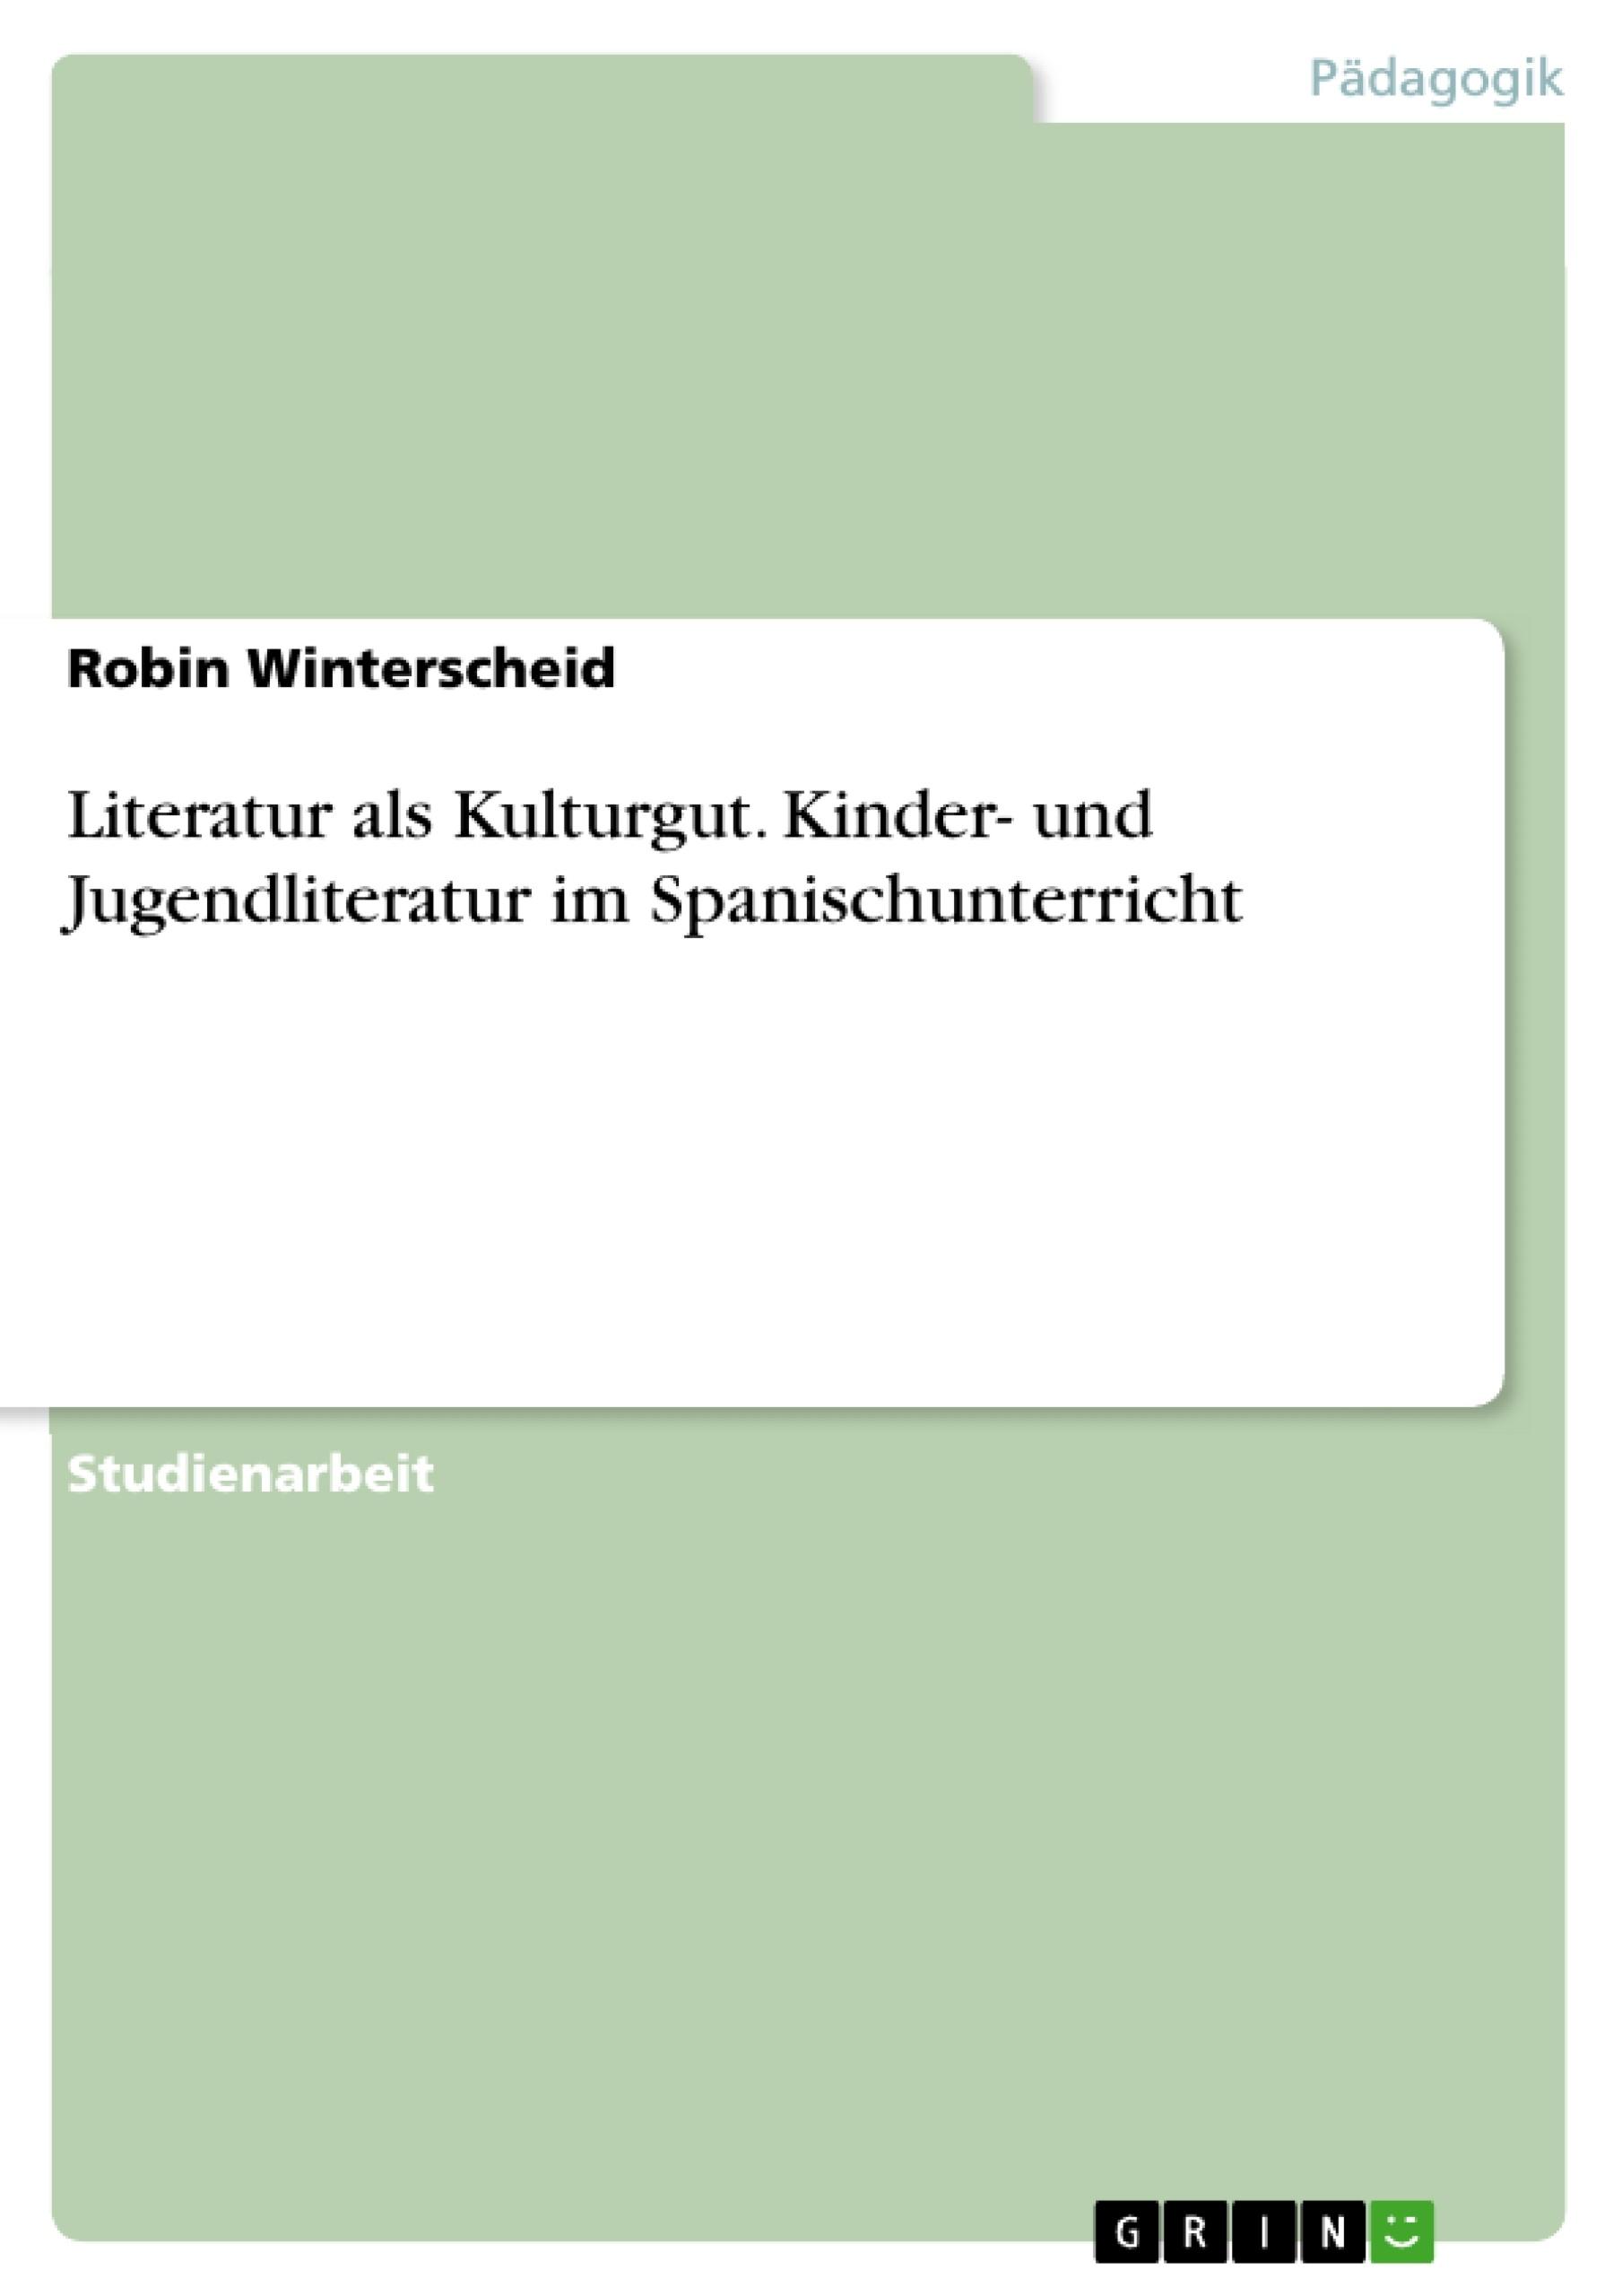 Titel: Literatur als Kulturgut. Kinder- und Jugendliteratur im Spanischunterricht